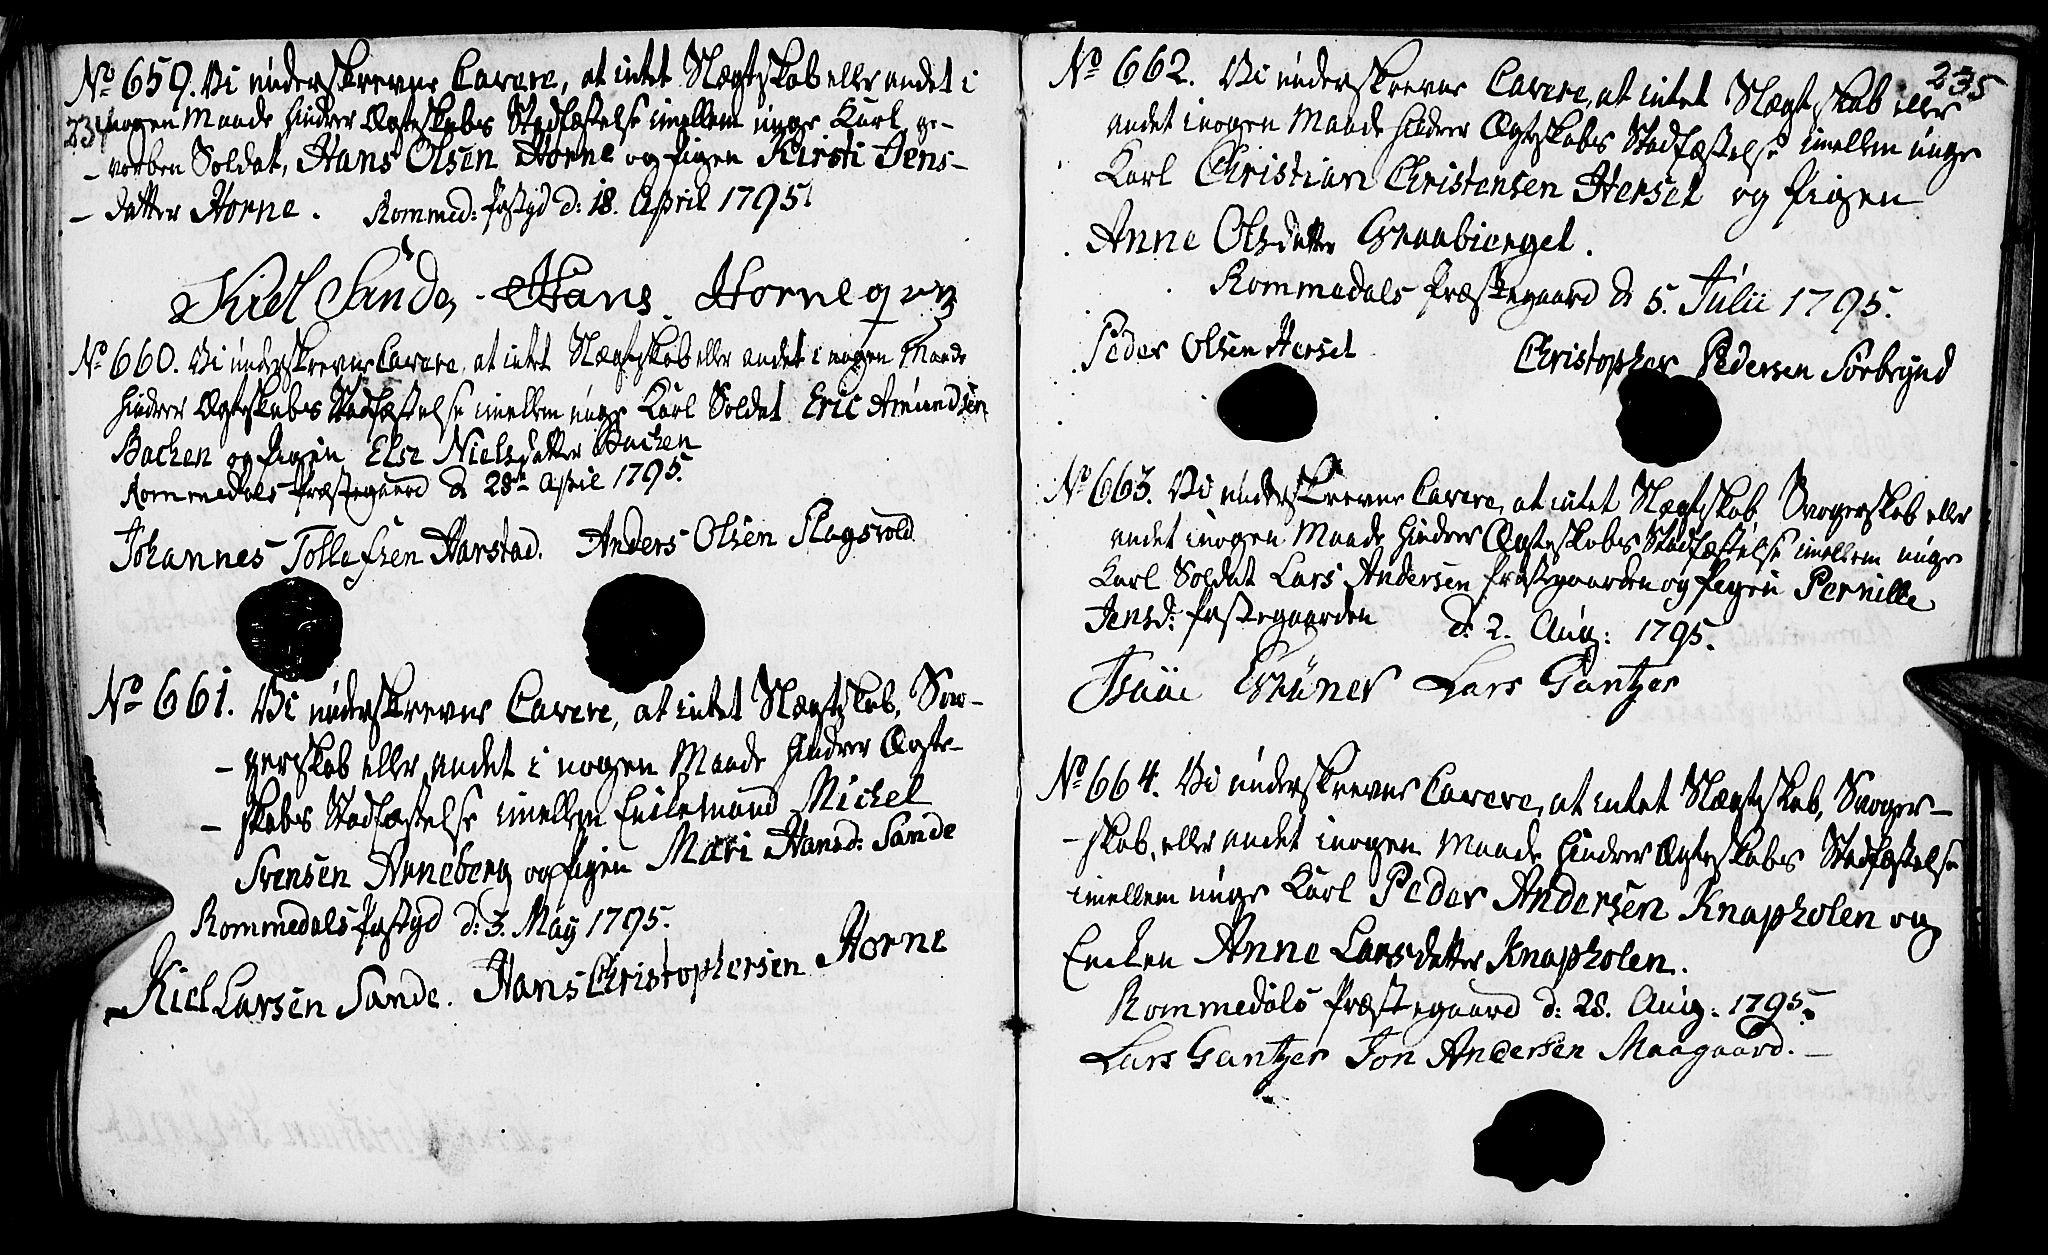 SAH, Romedal prestekontor, I/L0001: Forlovererklæringer nr. 1, 1762-1802, s. 234-235